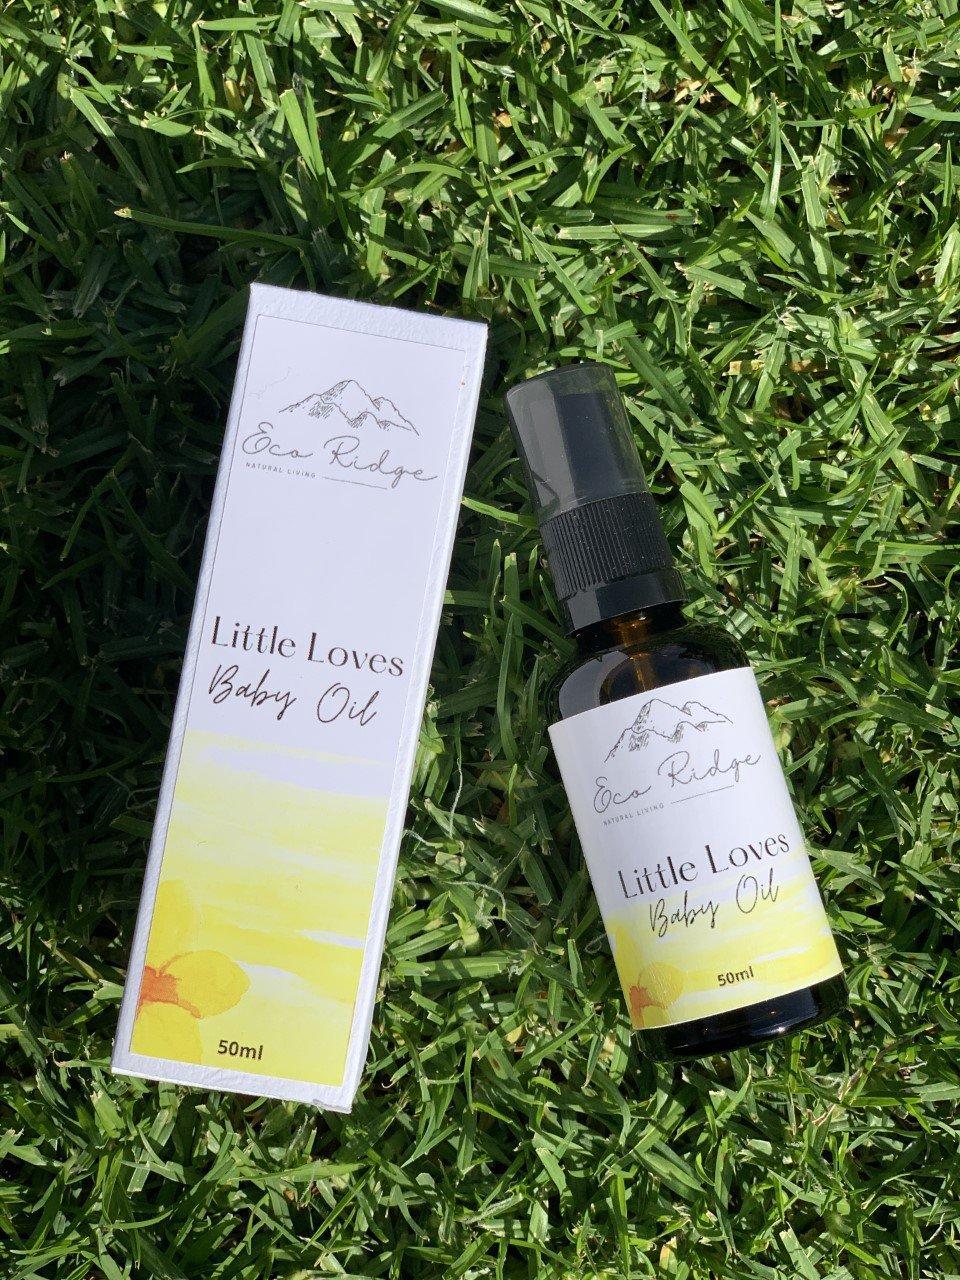 Little Loves - Baby Oil